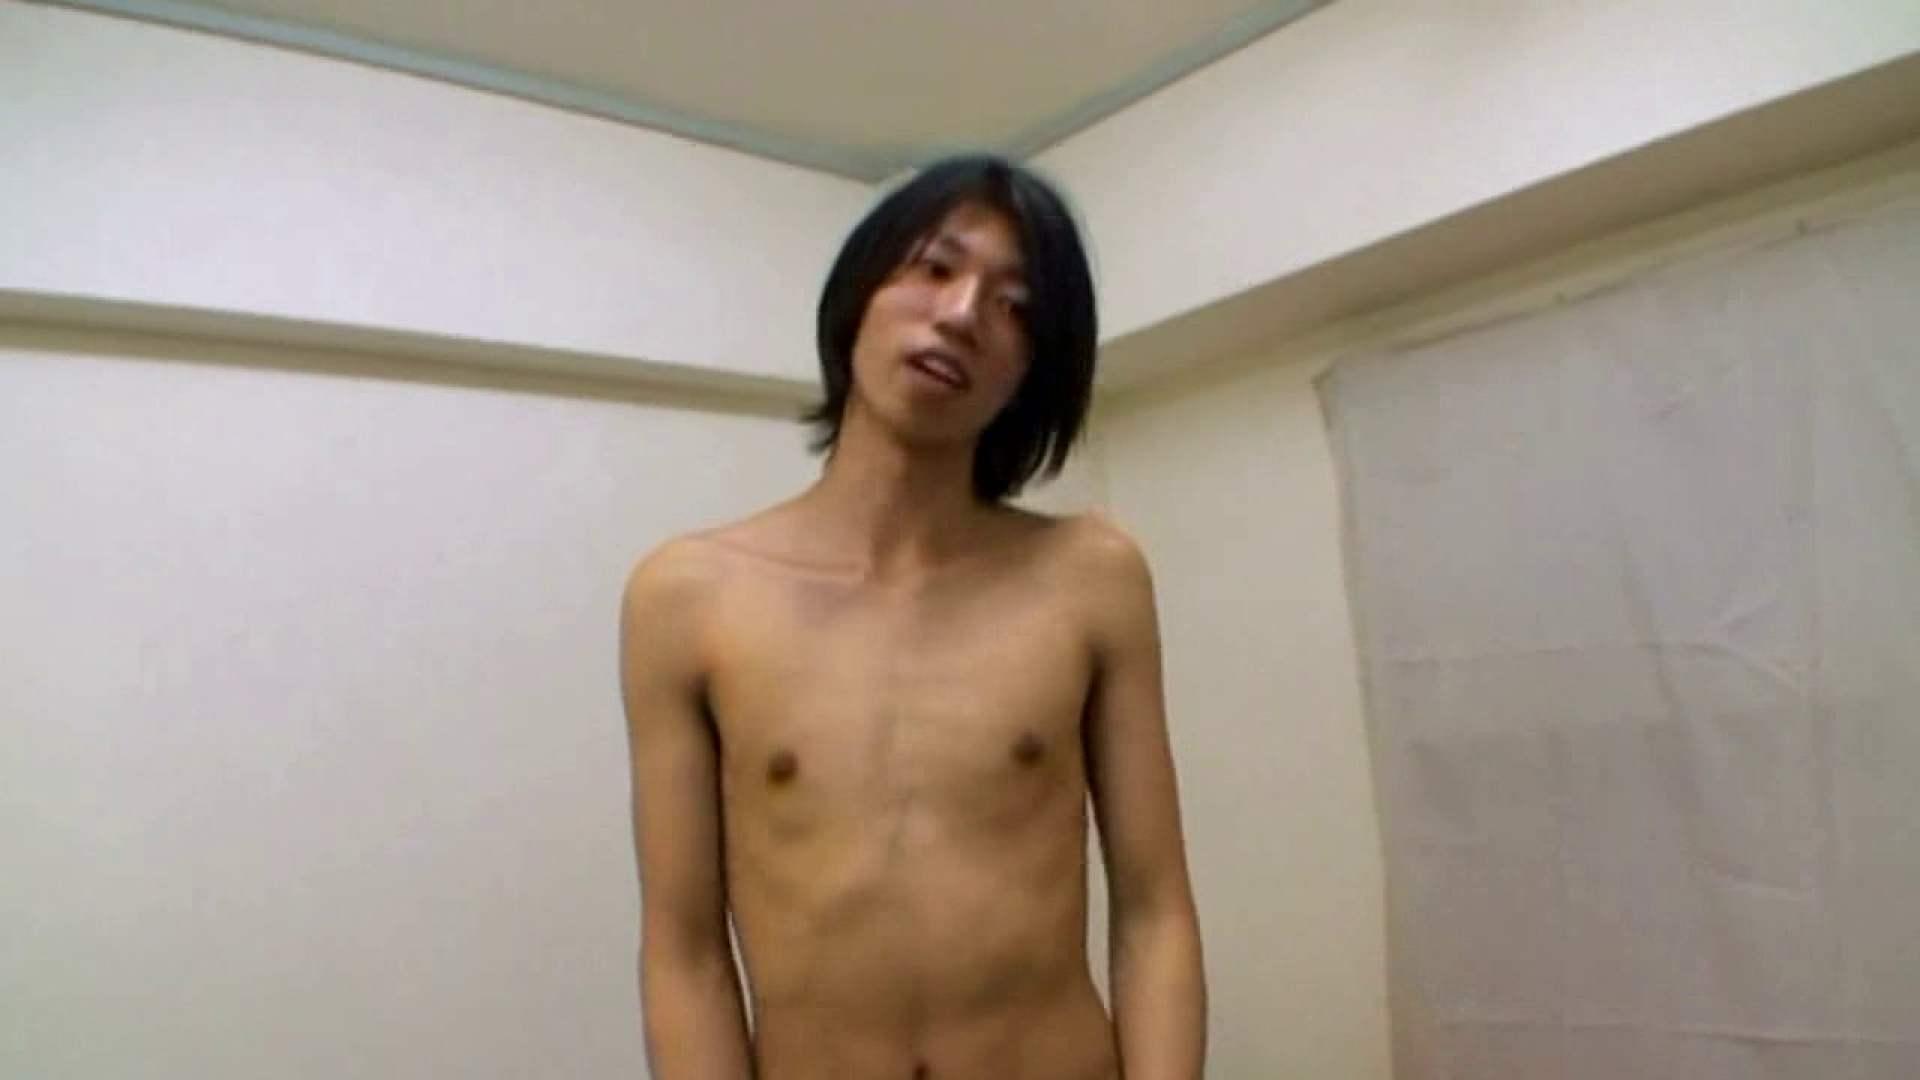 ノンケ!自慰スタジオ No.36 ノンケ  68pic 32